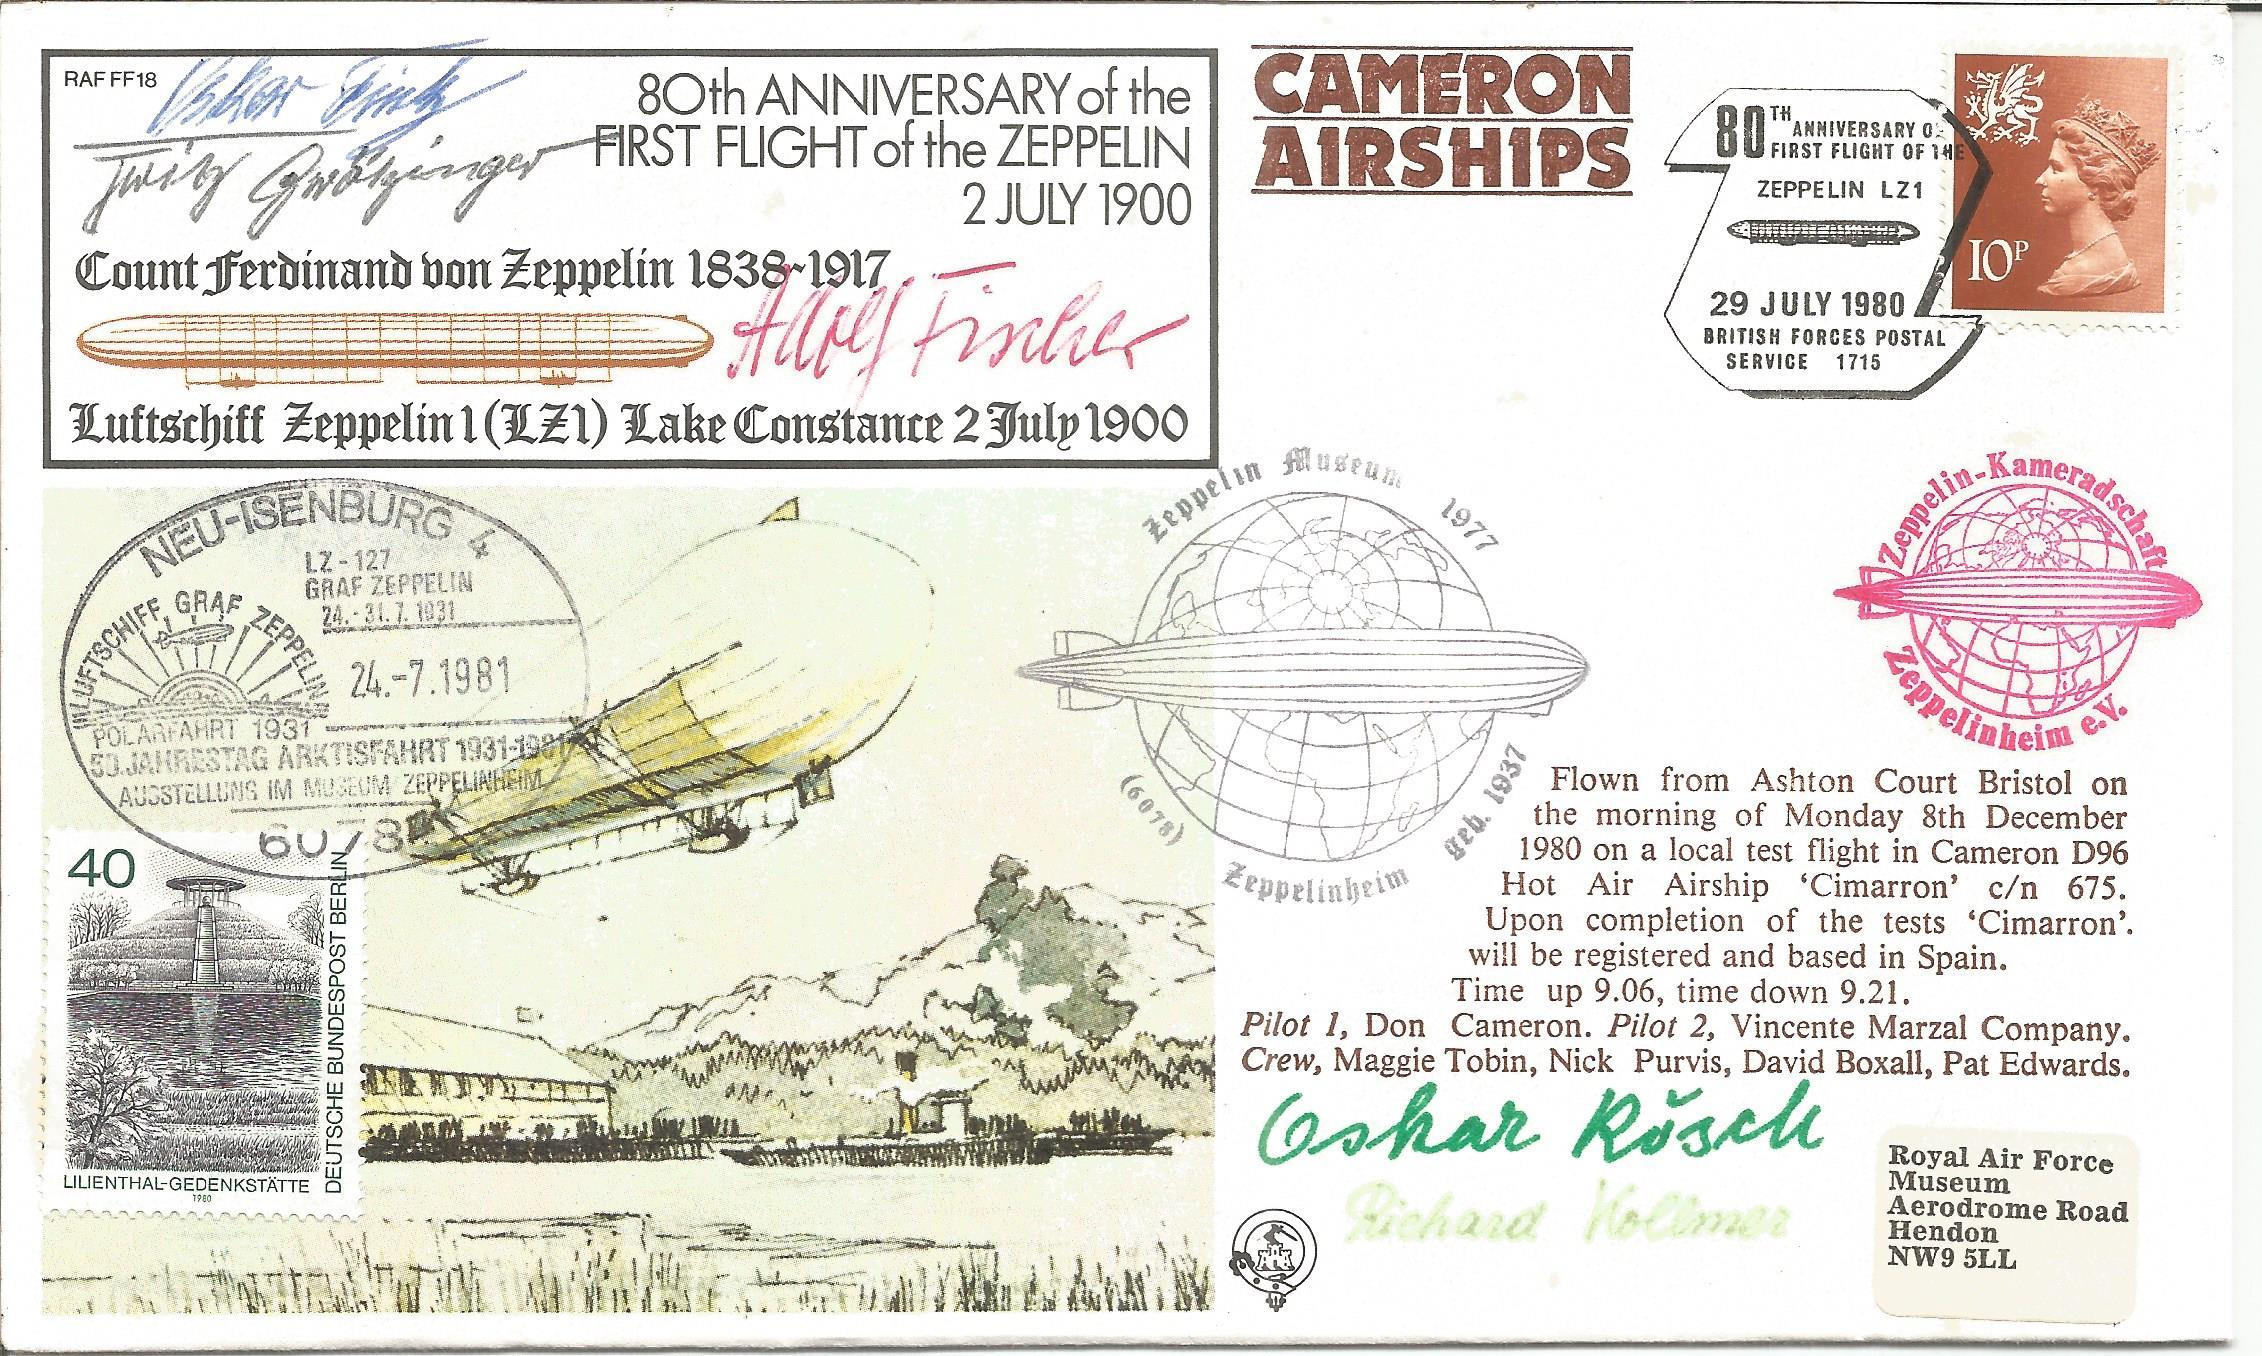 Zeppelin crew multiple signed Graff Zeppelin cover. Signed by Oskar Fink, Oskar Rosch, Adolf